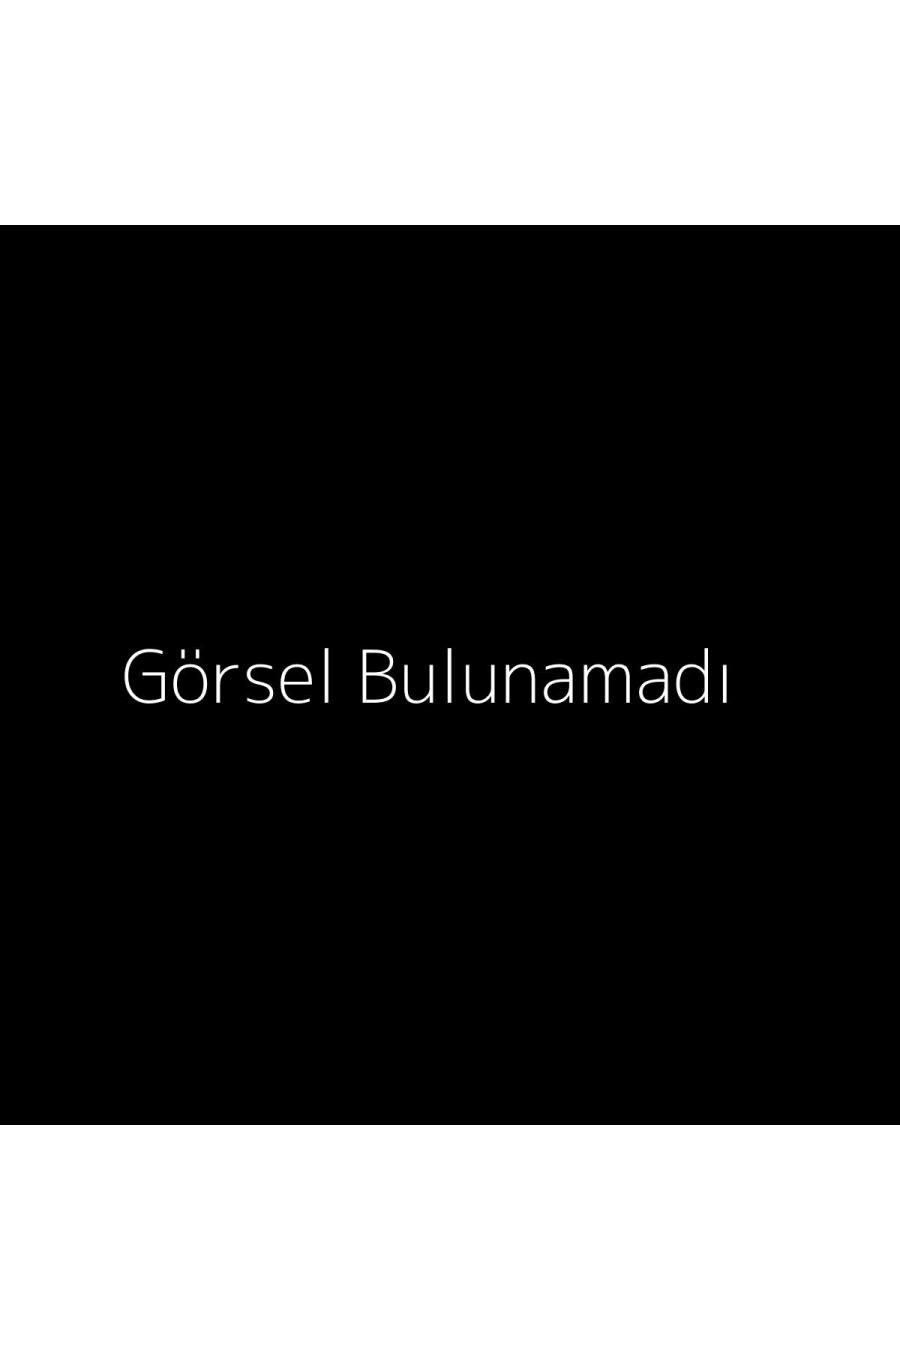 Turn & Bake MJ T-shirt